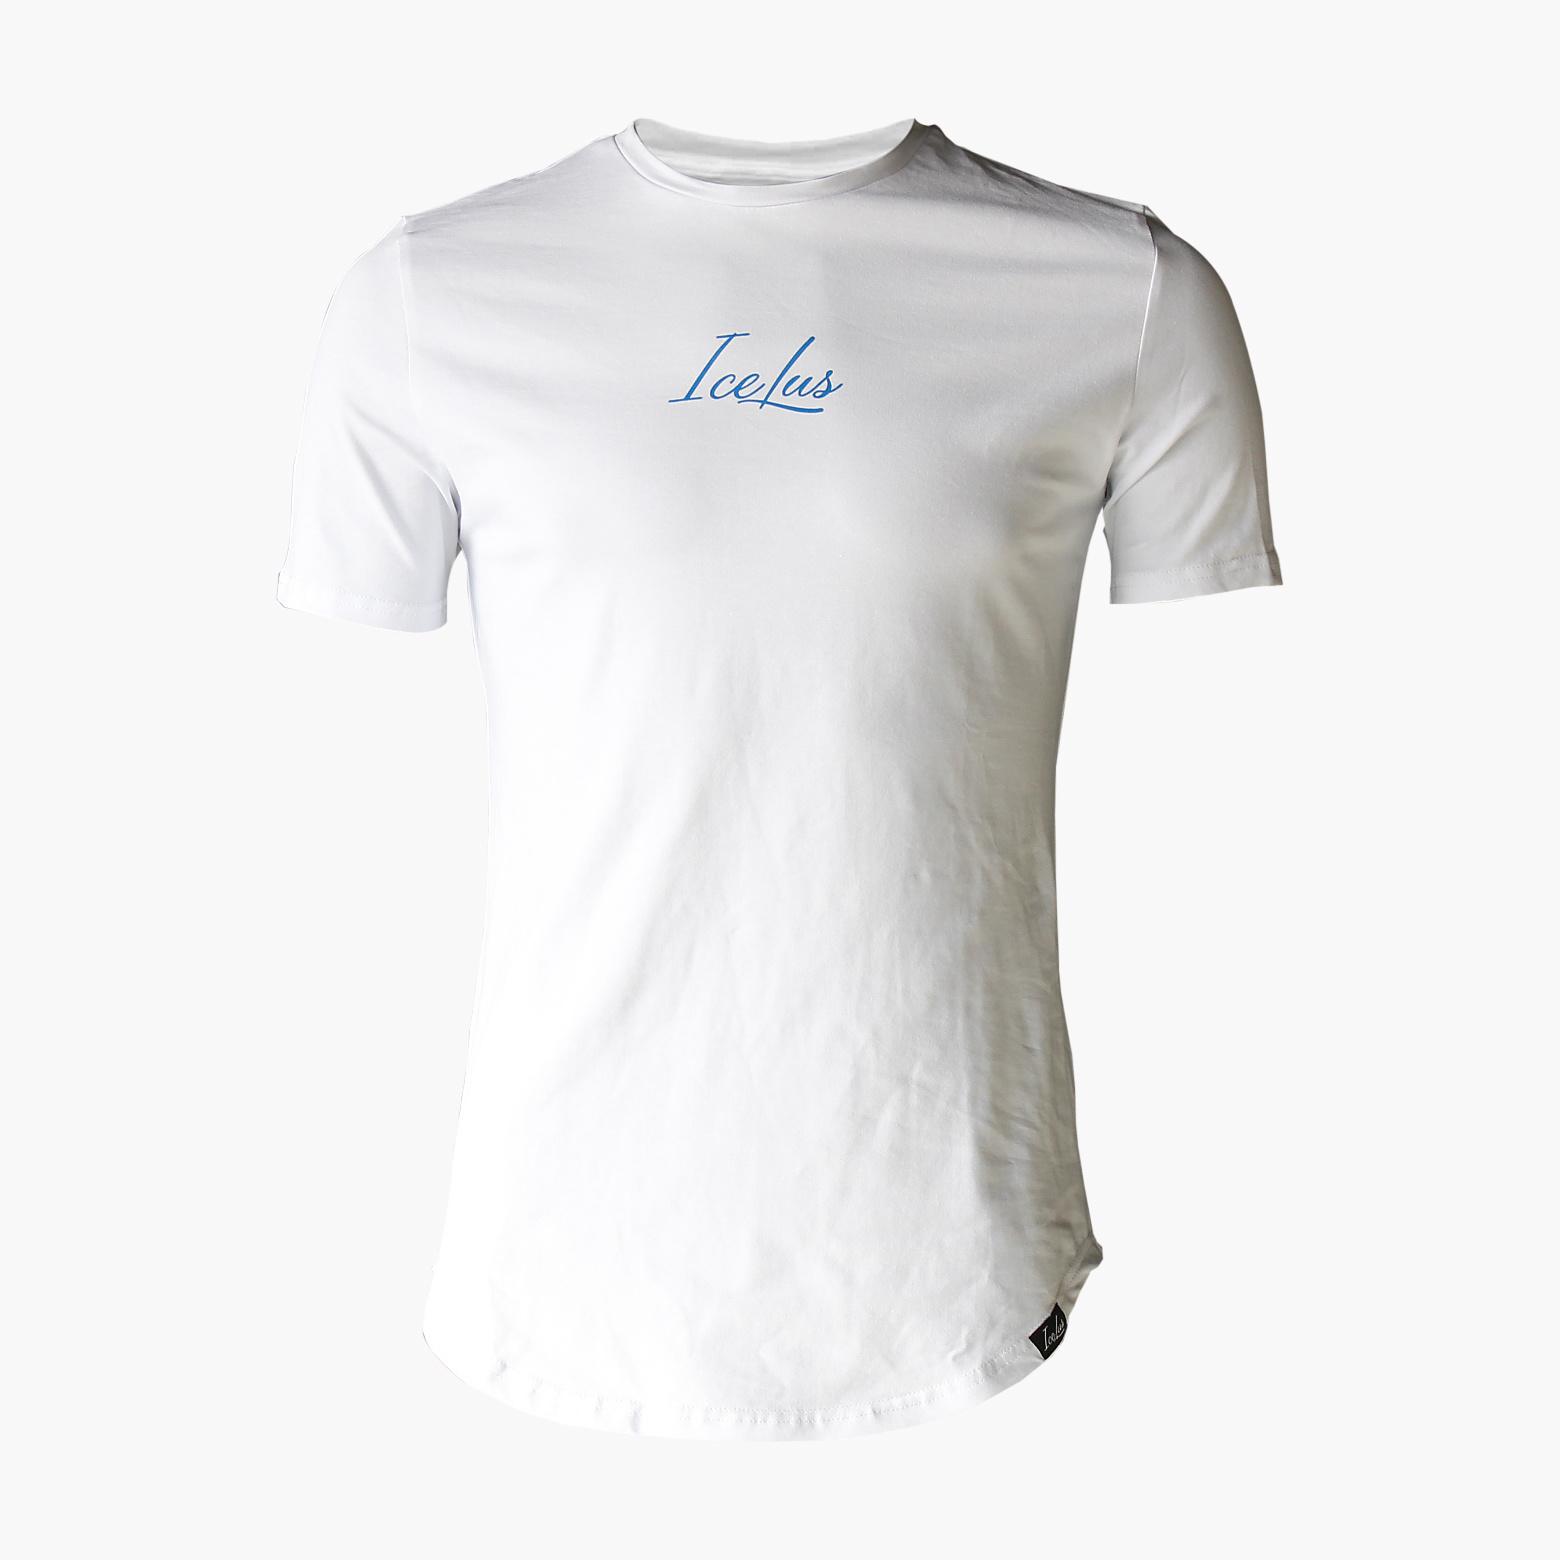 Icelus Clothing Icelus Blue on White